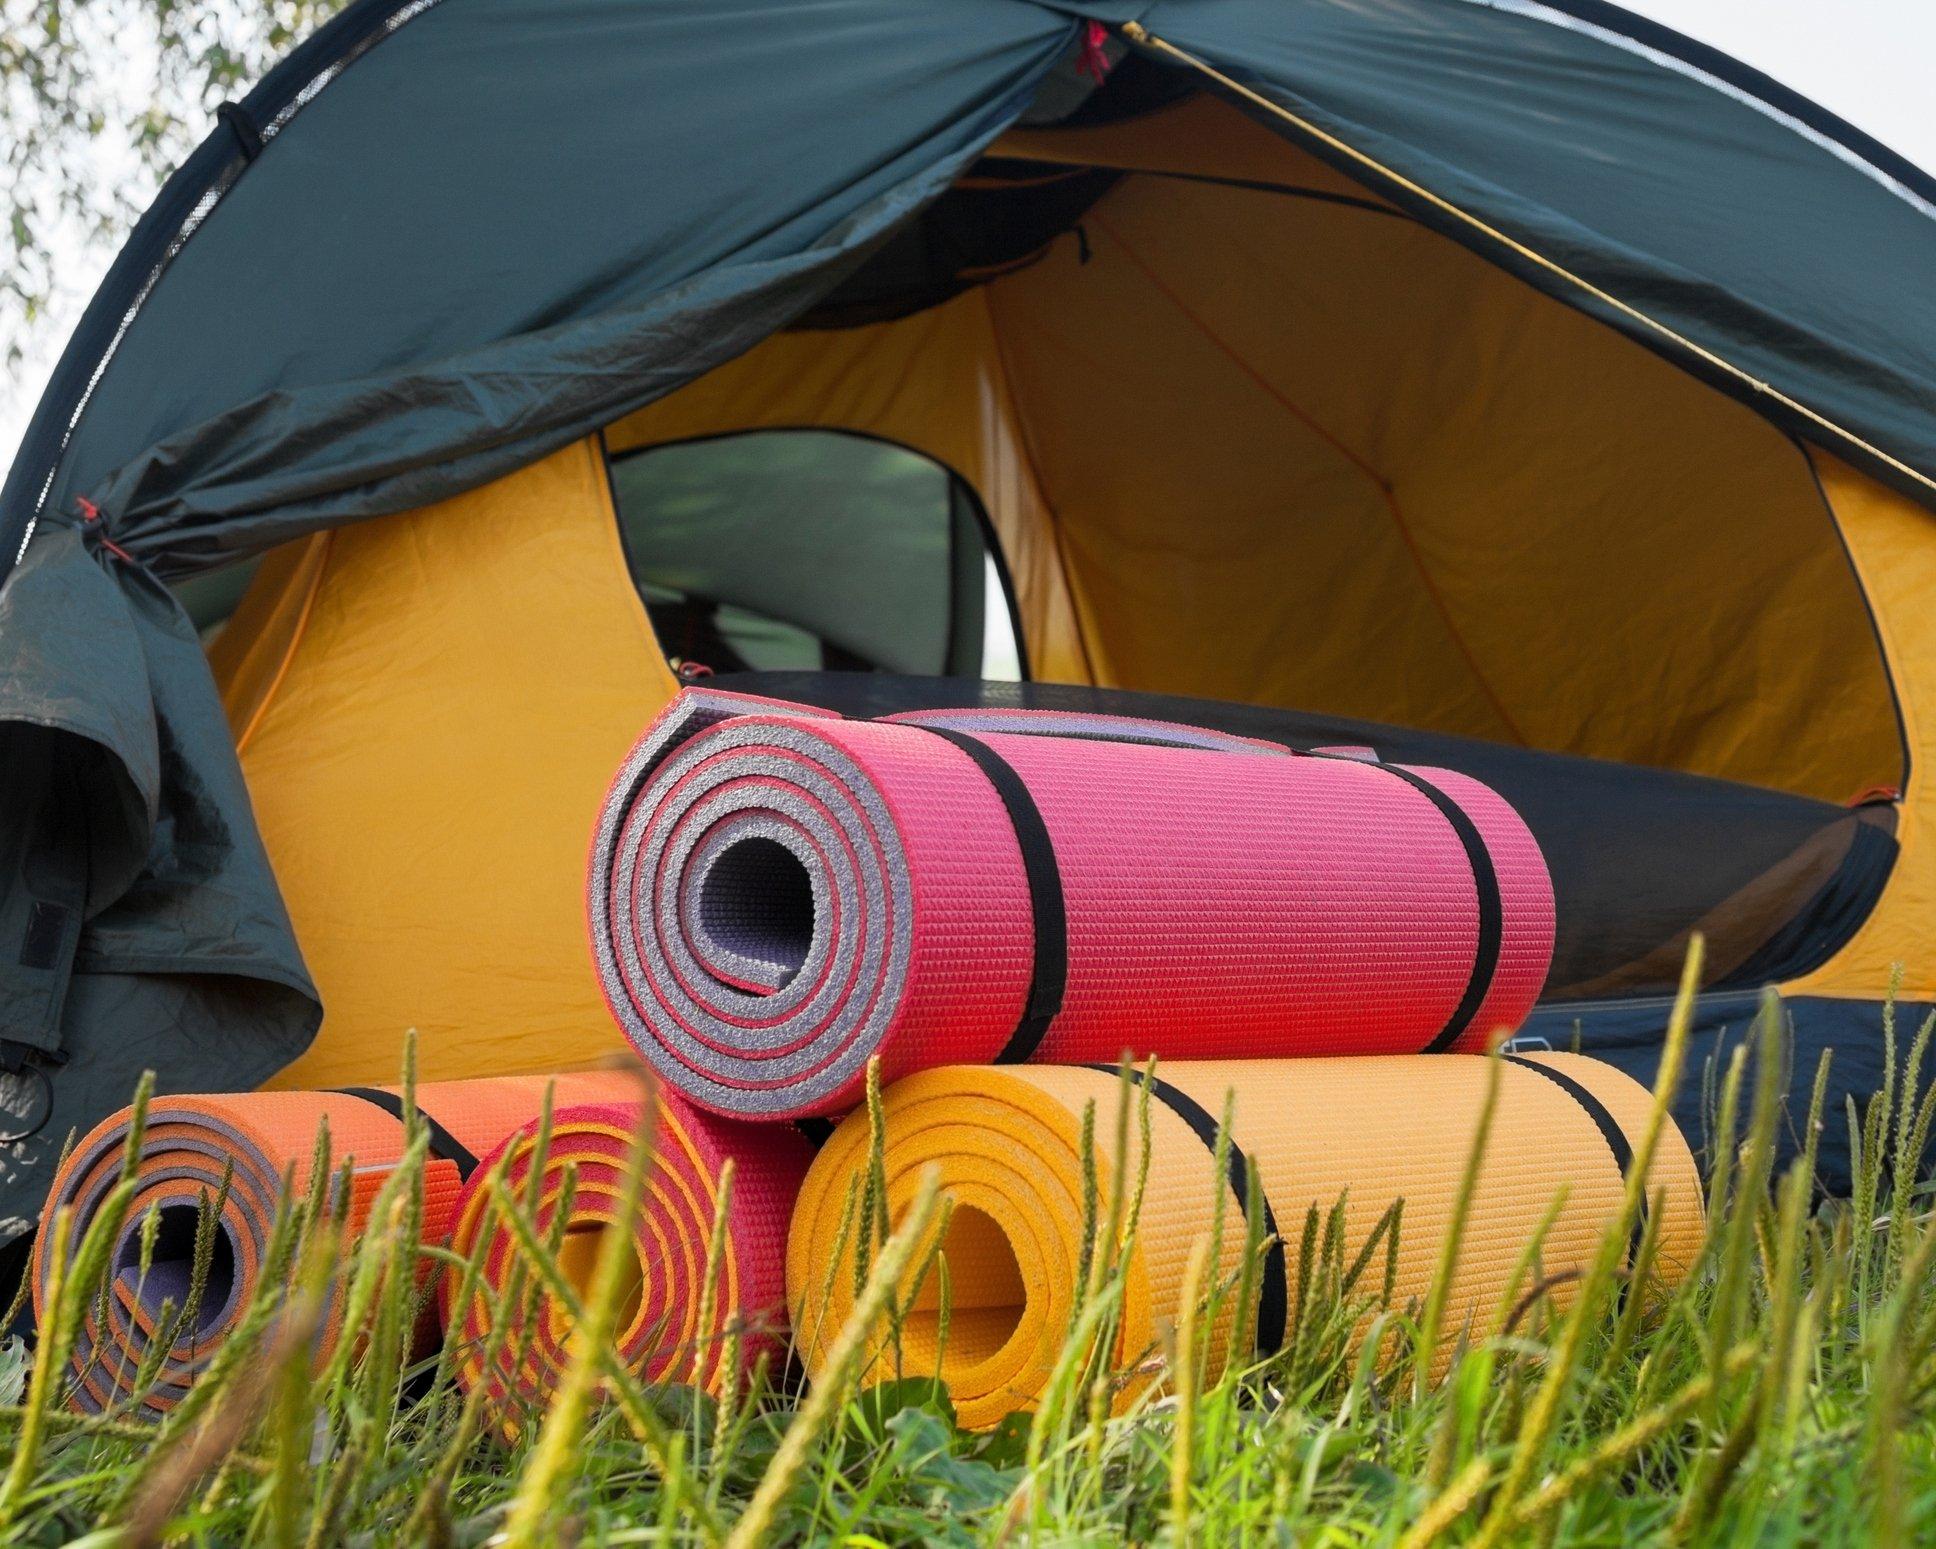 L'achat d'un tapis en mousse est un excellent point de départ pour ceux qui souhaitent faire leur premier voyage en camping.  (iStock Photo)